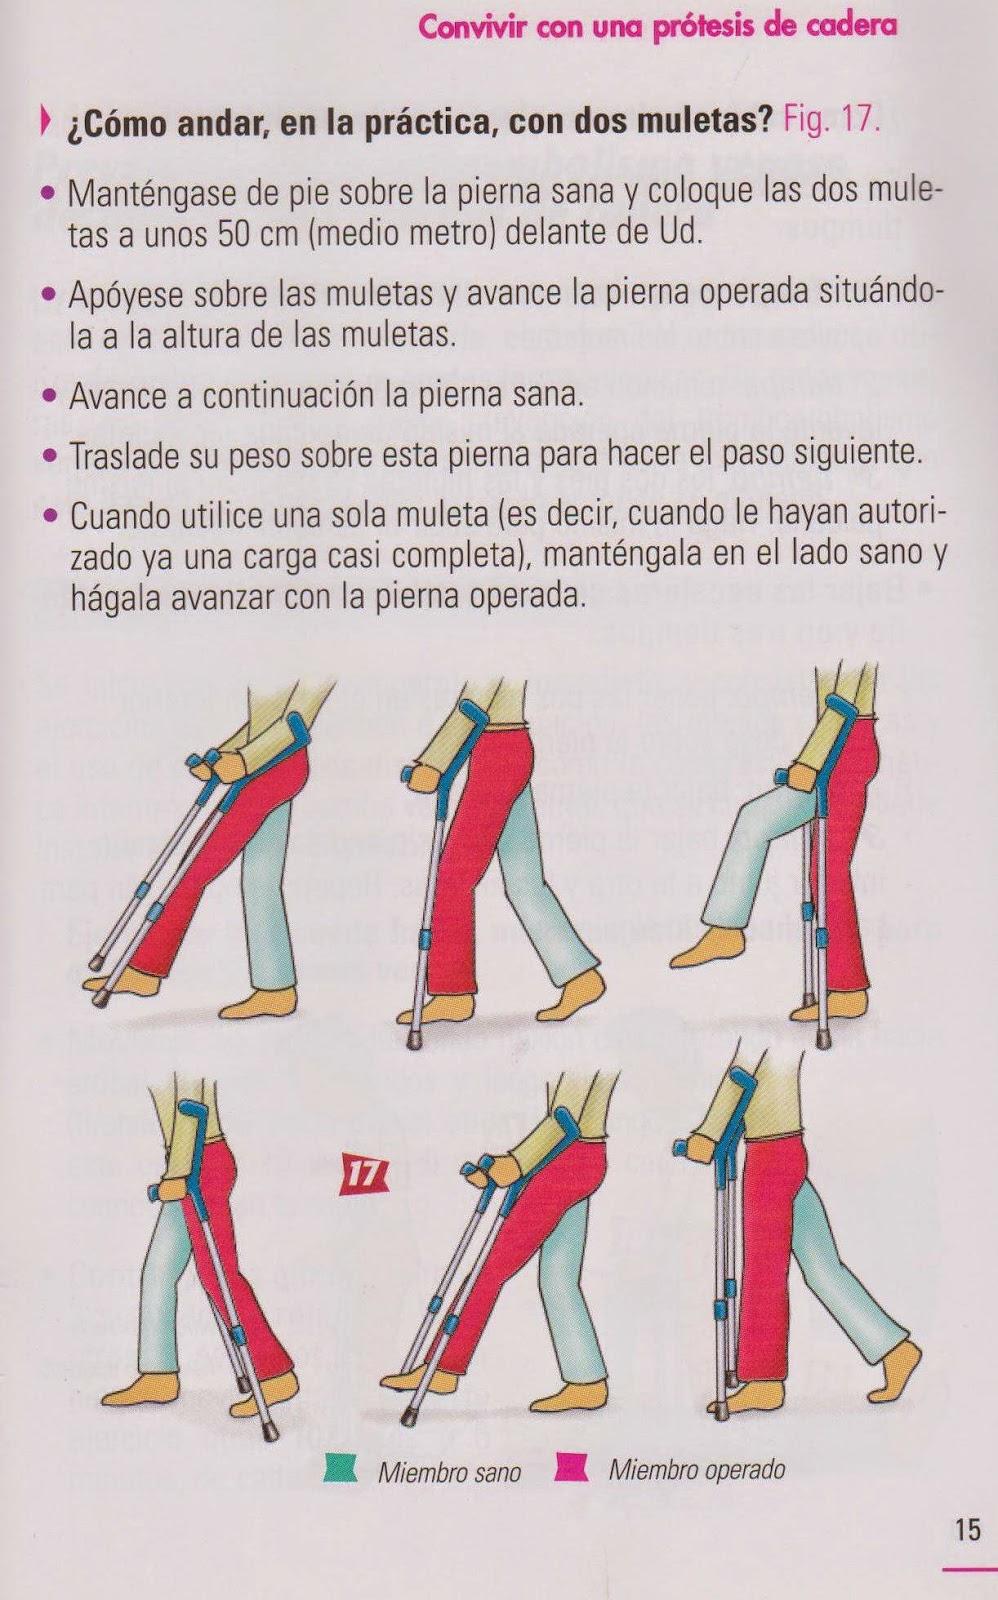 Uso de muletas despues de una protesis total de cadera